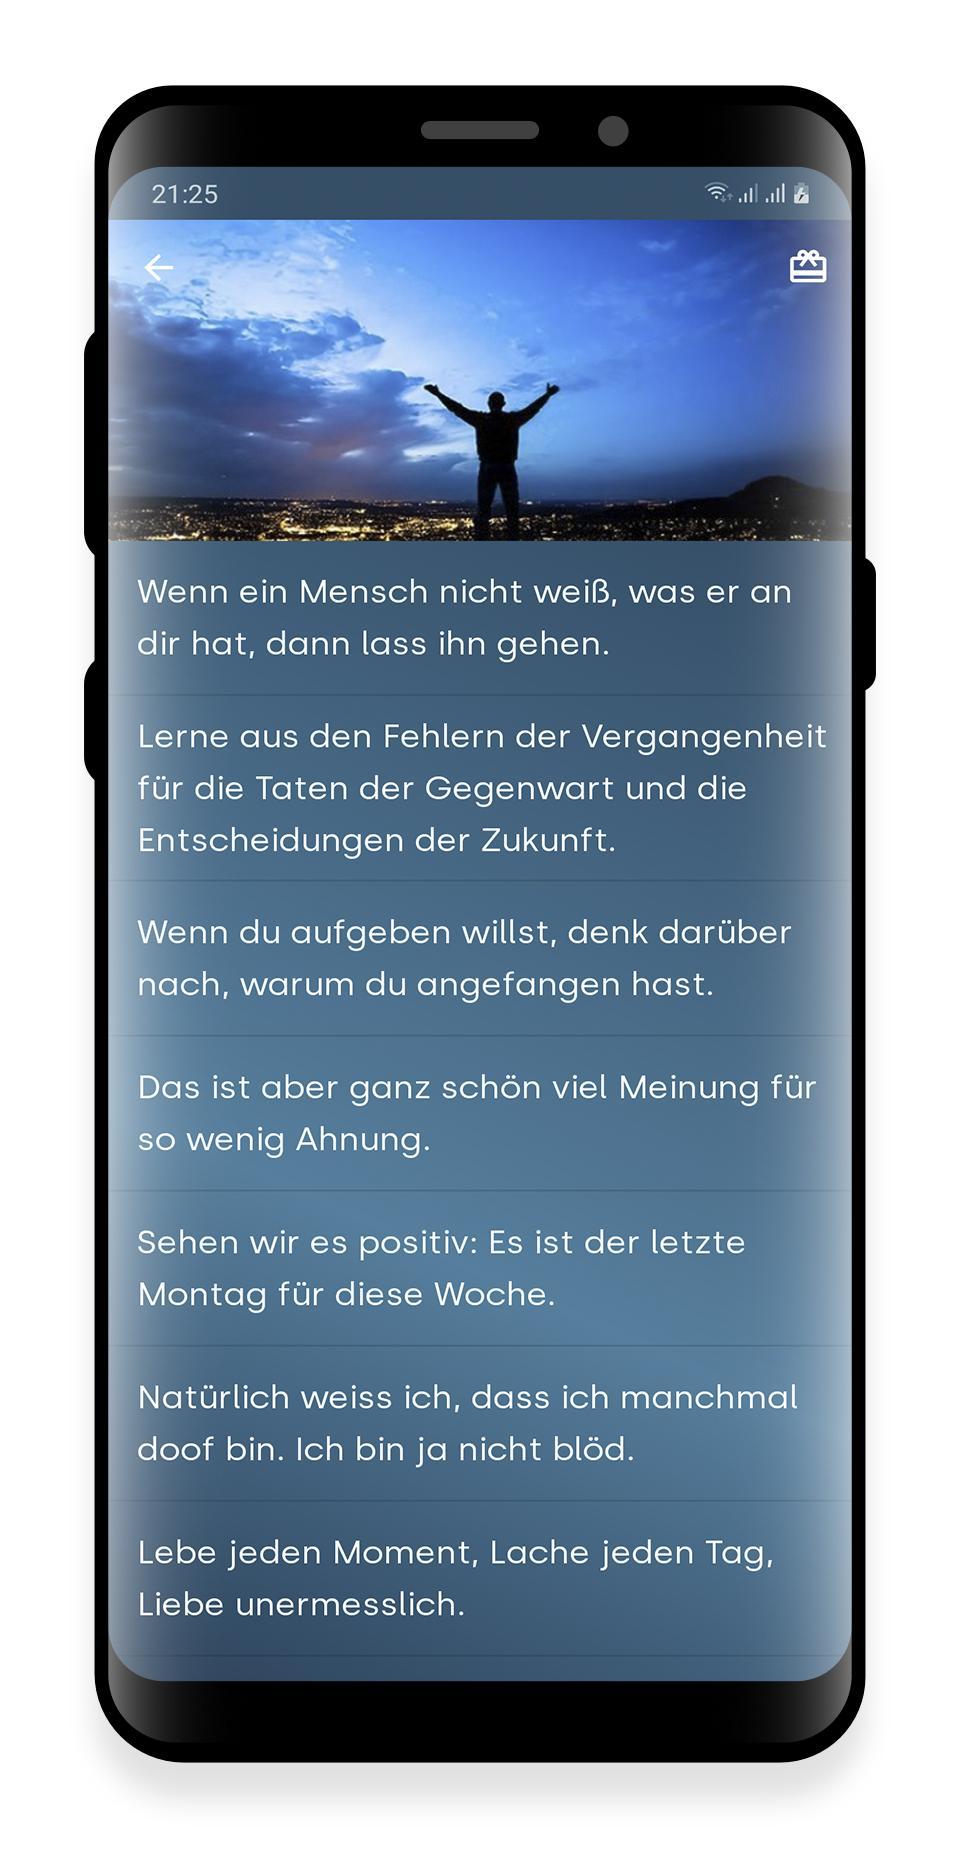 Zitate Sprüche Leben для андроид скачать Apk